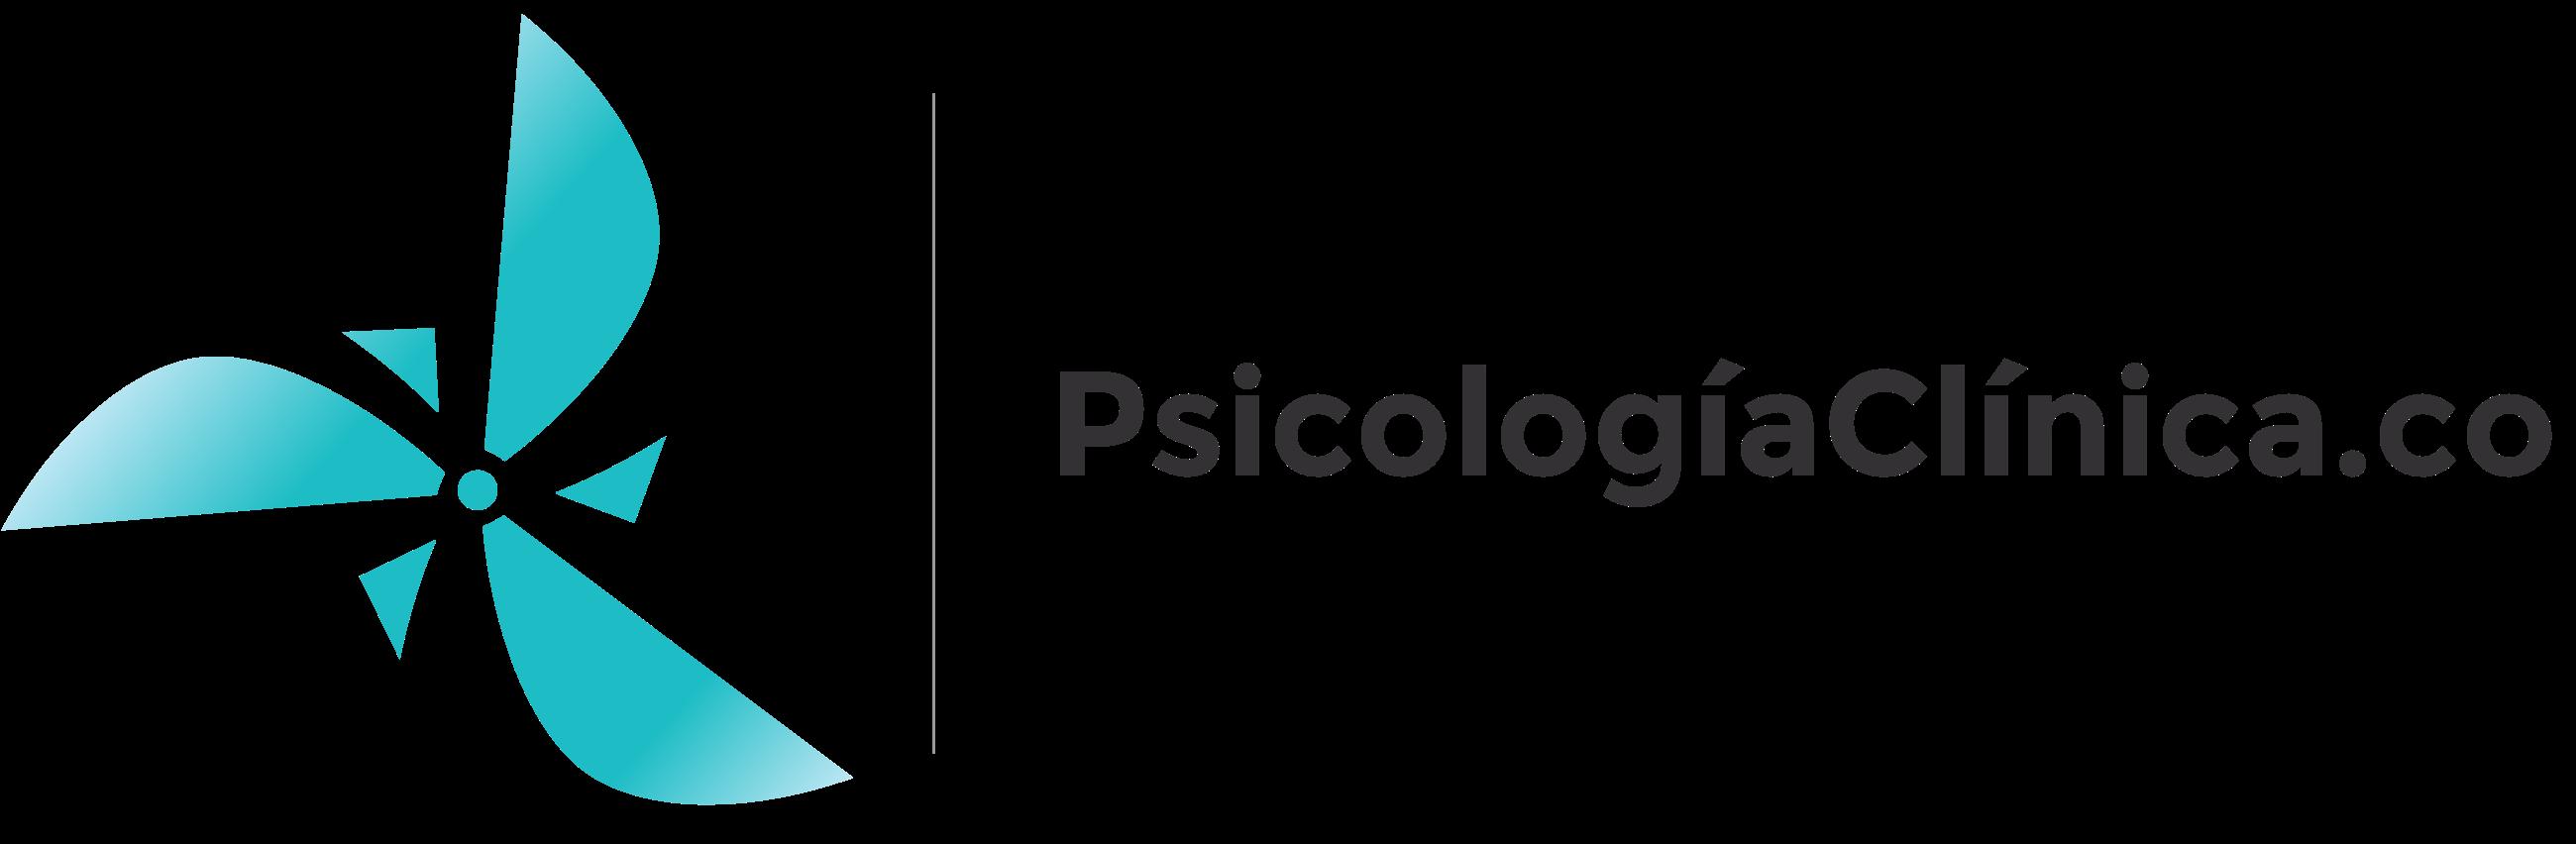 psicologiaclinica.co